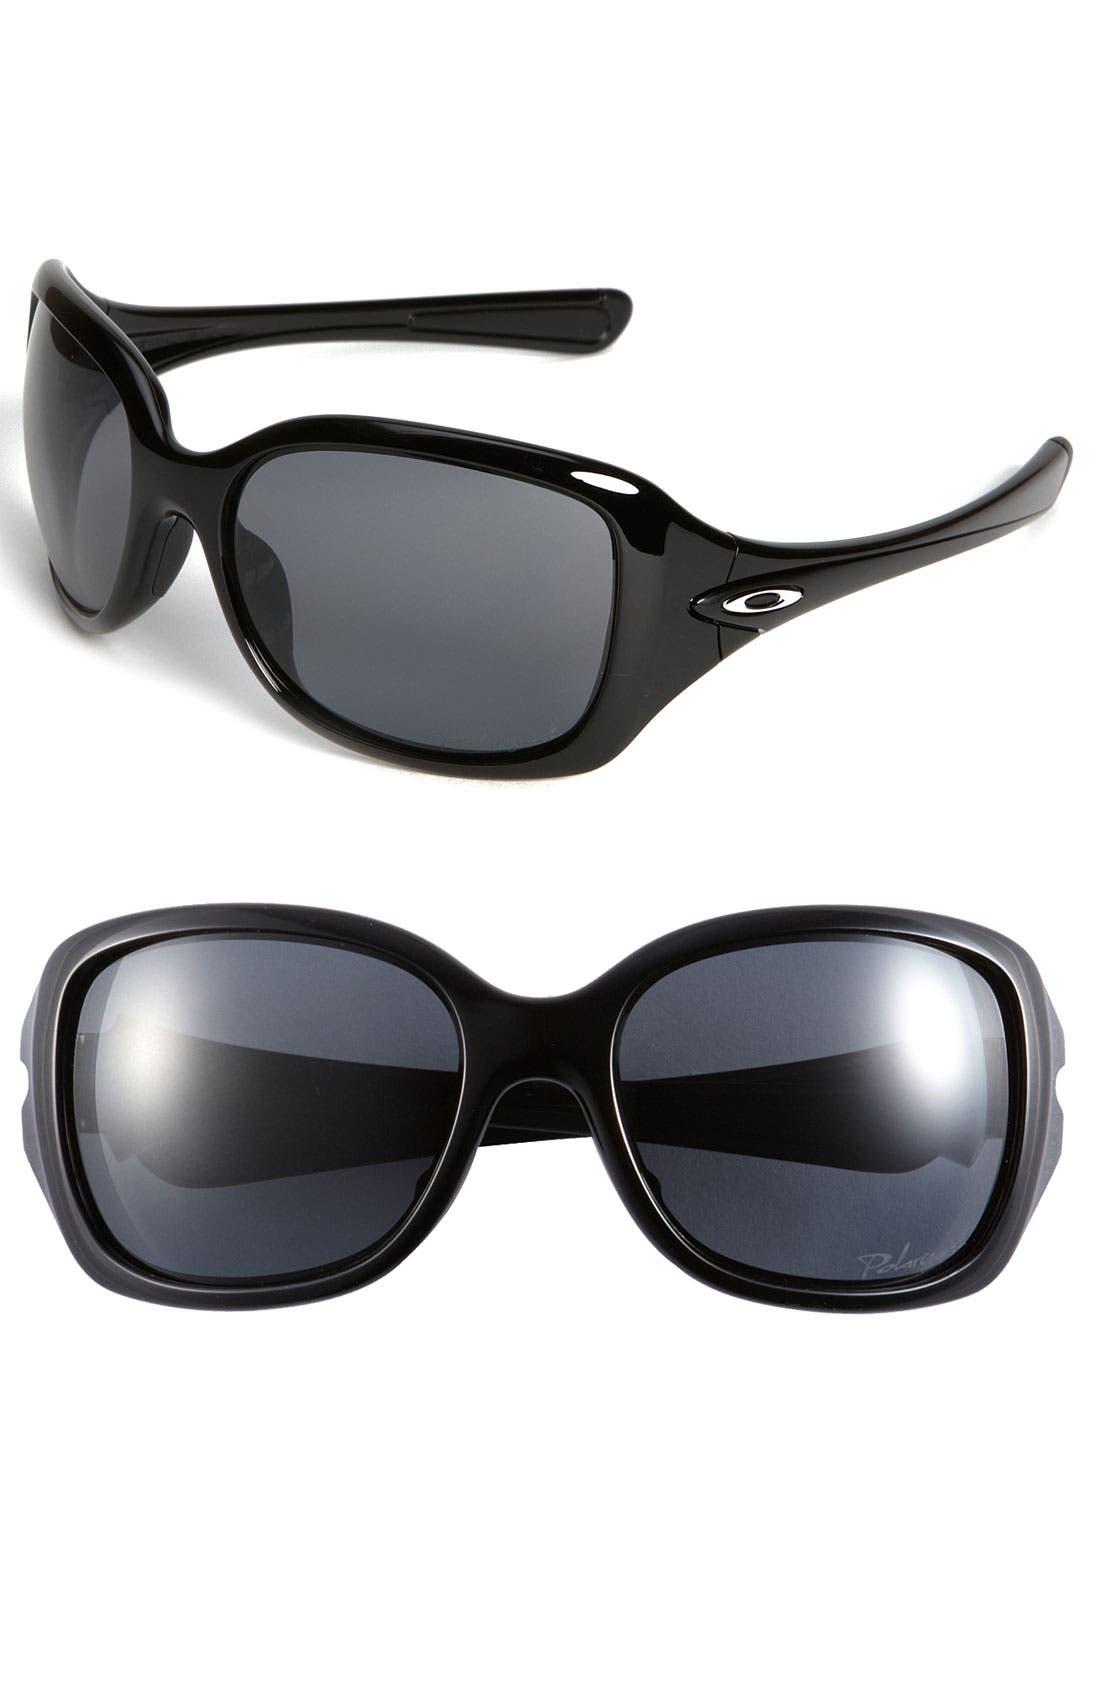 Alternate Image 1 Selected - Oakley 'Necessity™' Polarized Sunglasses